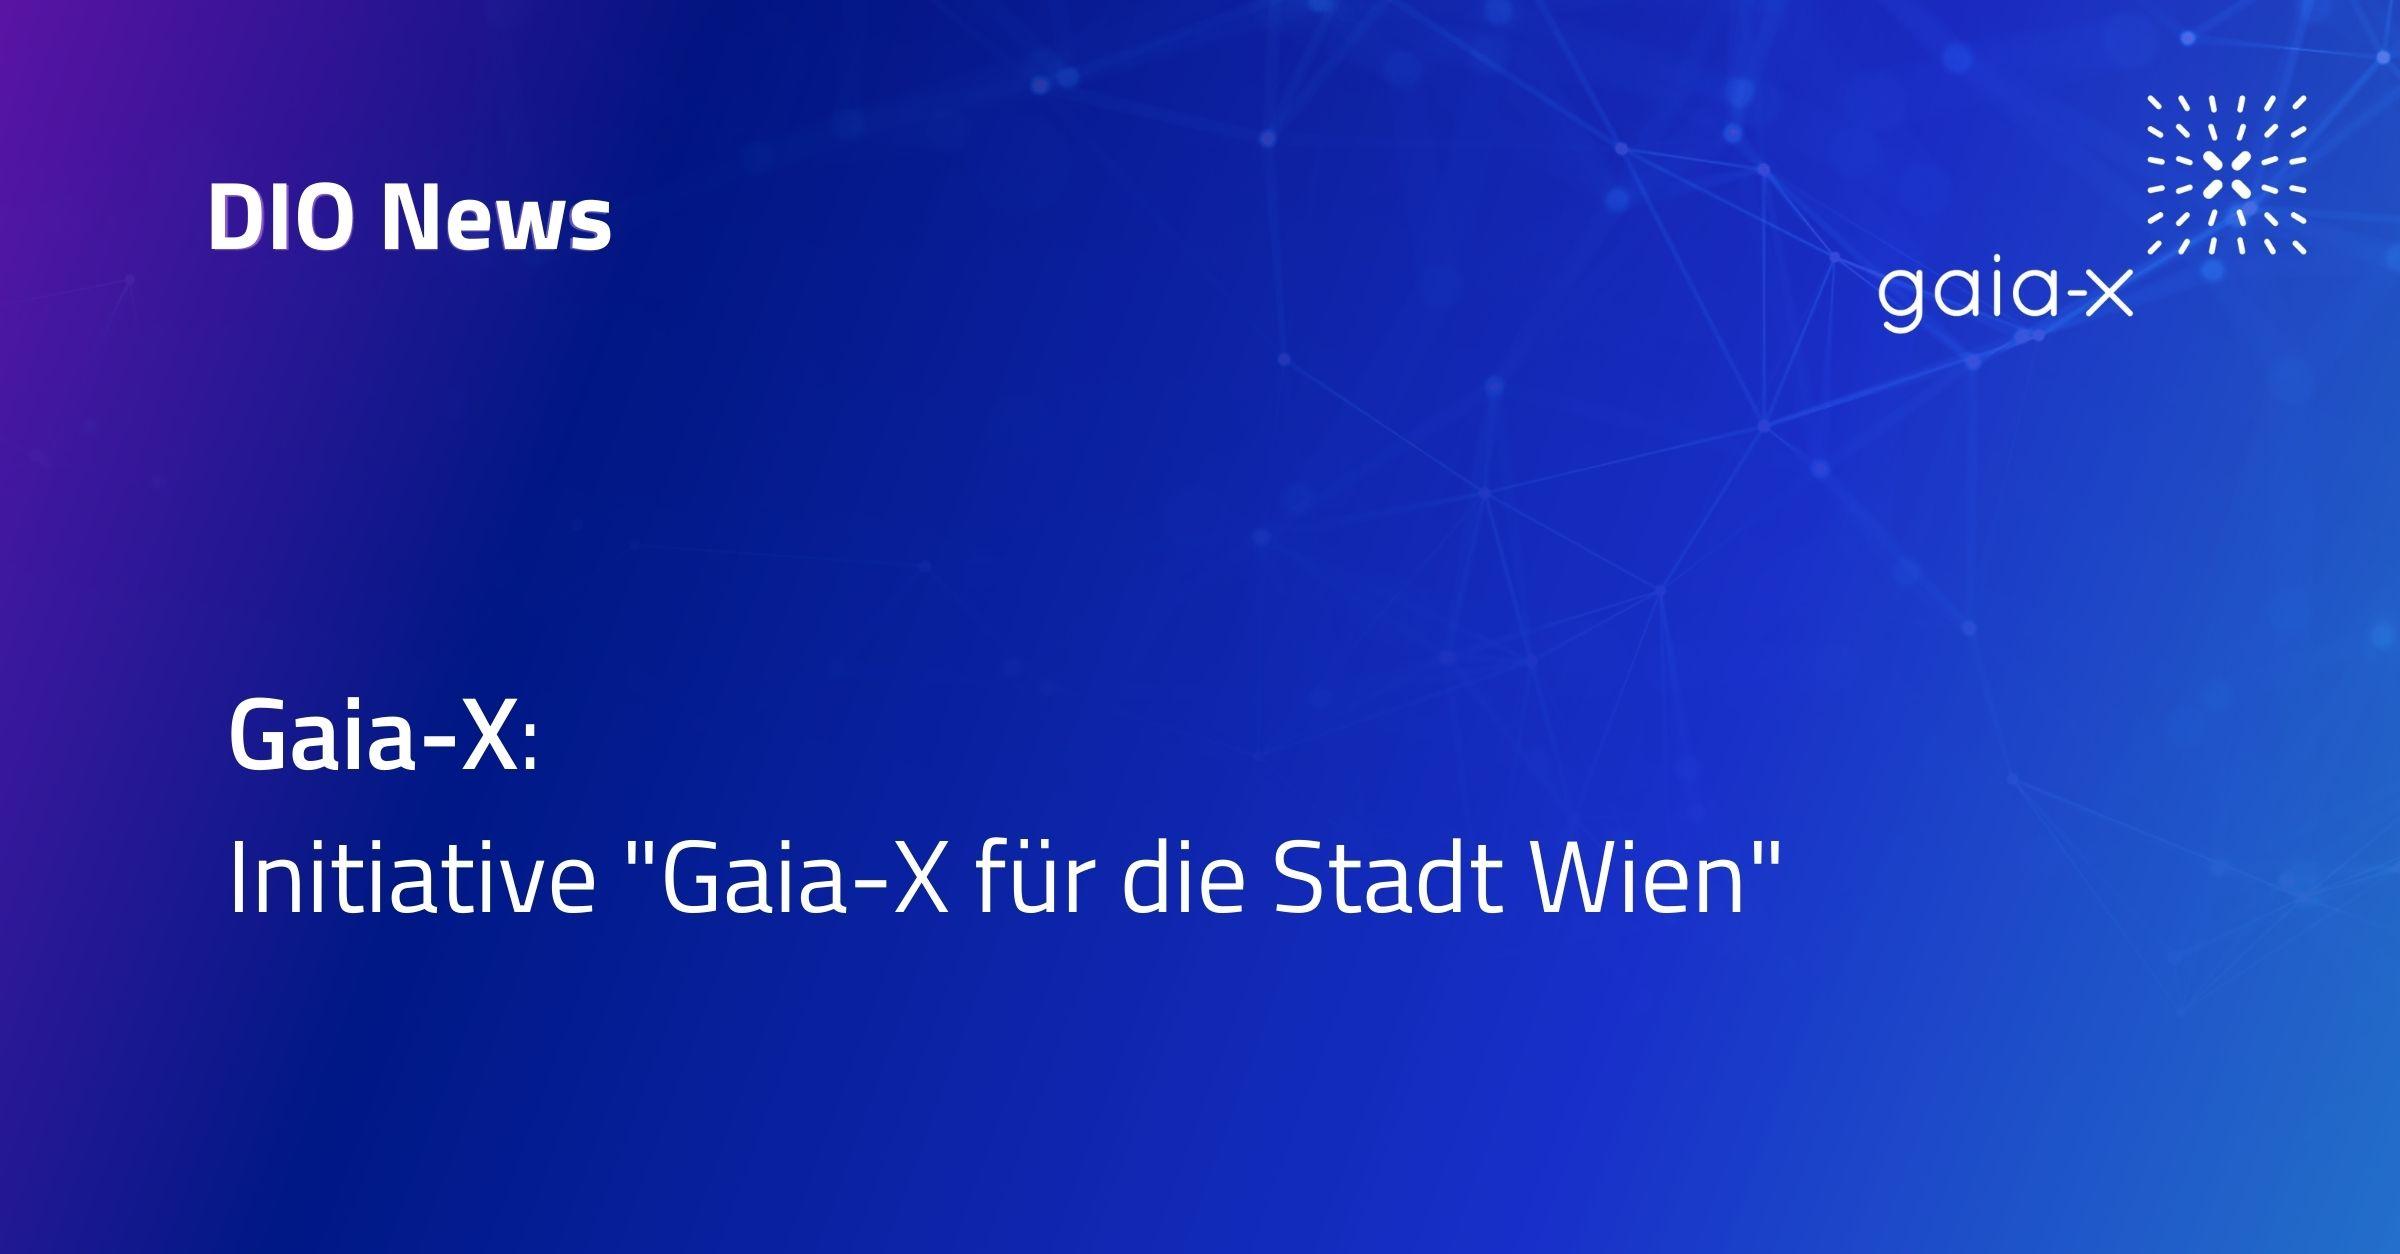 Gaia-X für die Stadt Wien